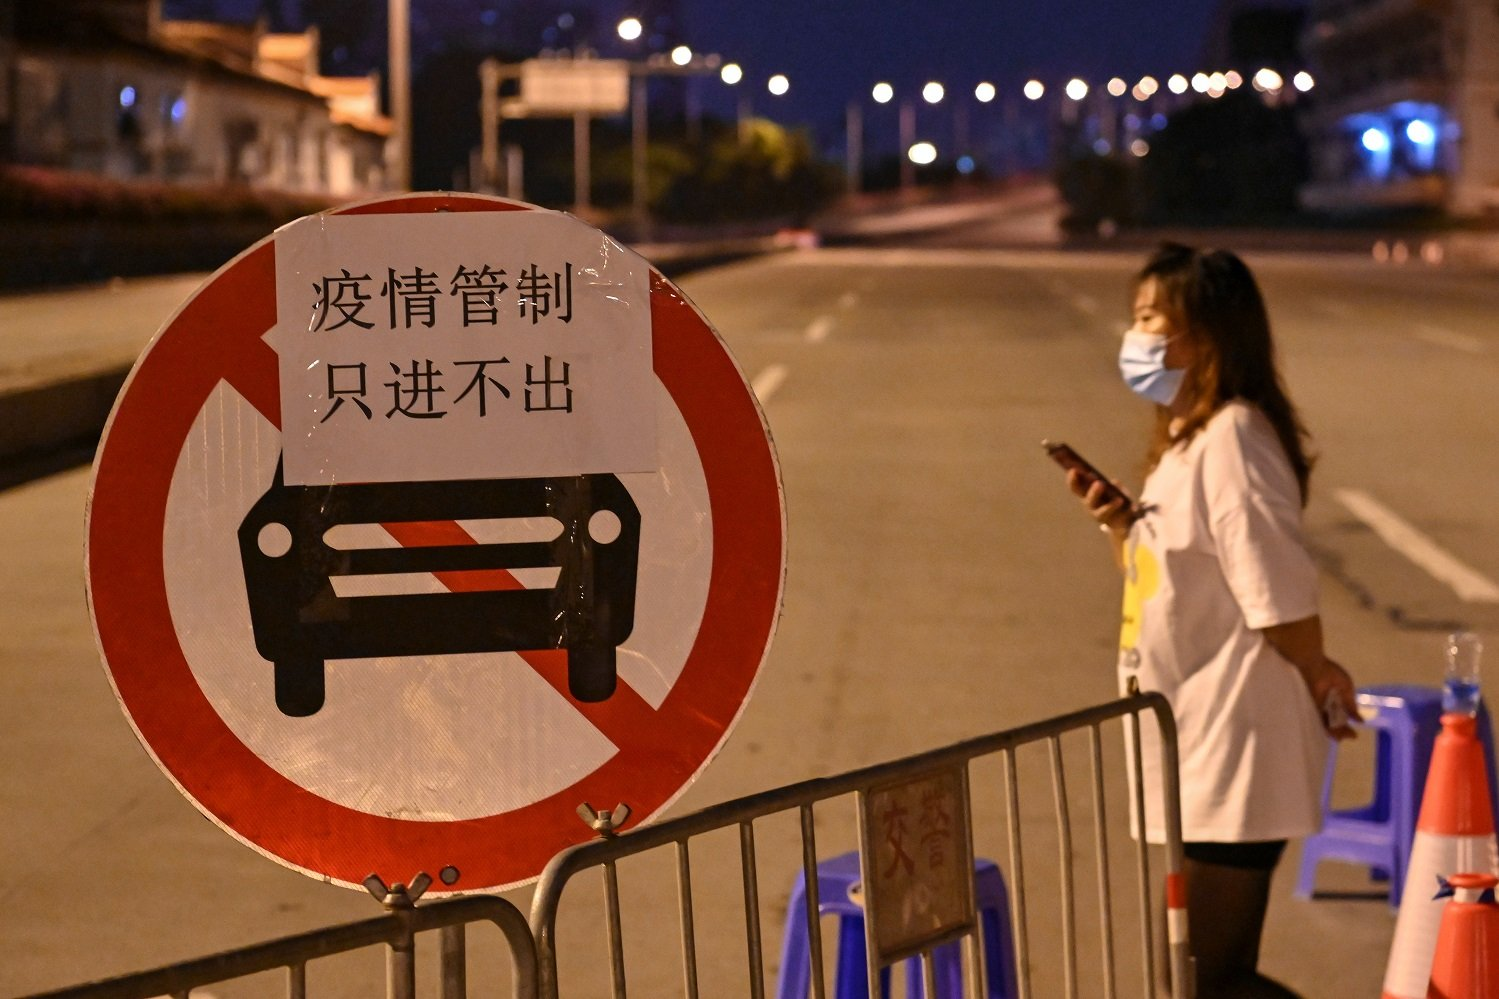 廣州市荔灣區實施了交通管制,限制部分區域居民離開。